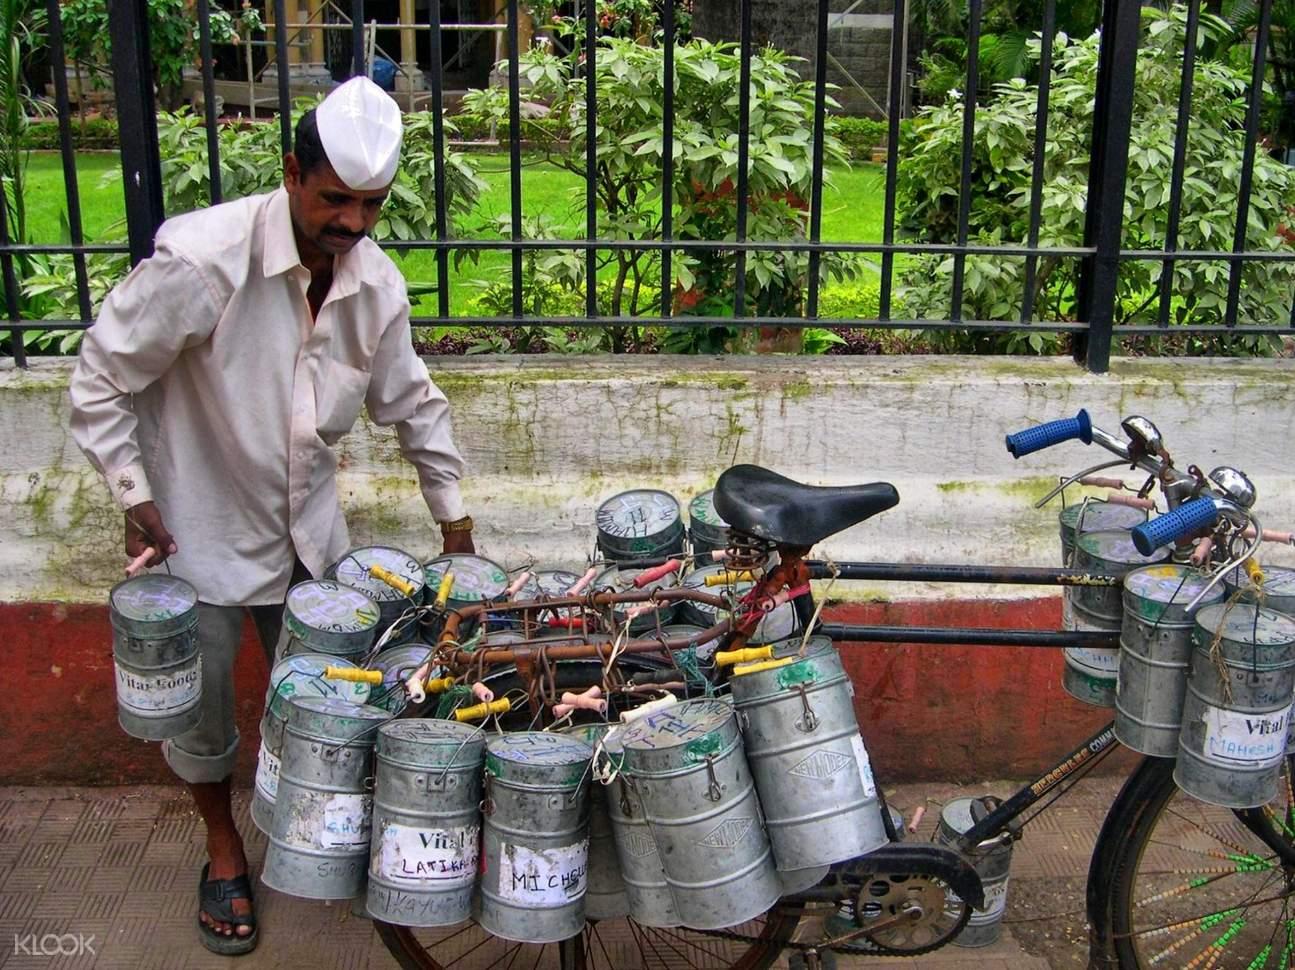 孟買達巴瓦拉(Dabbawalas)& Dhobi Ghat 千人洗衣場半日遊